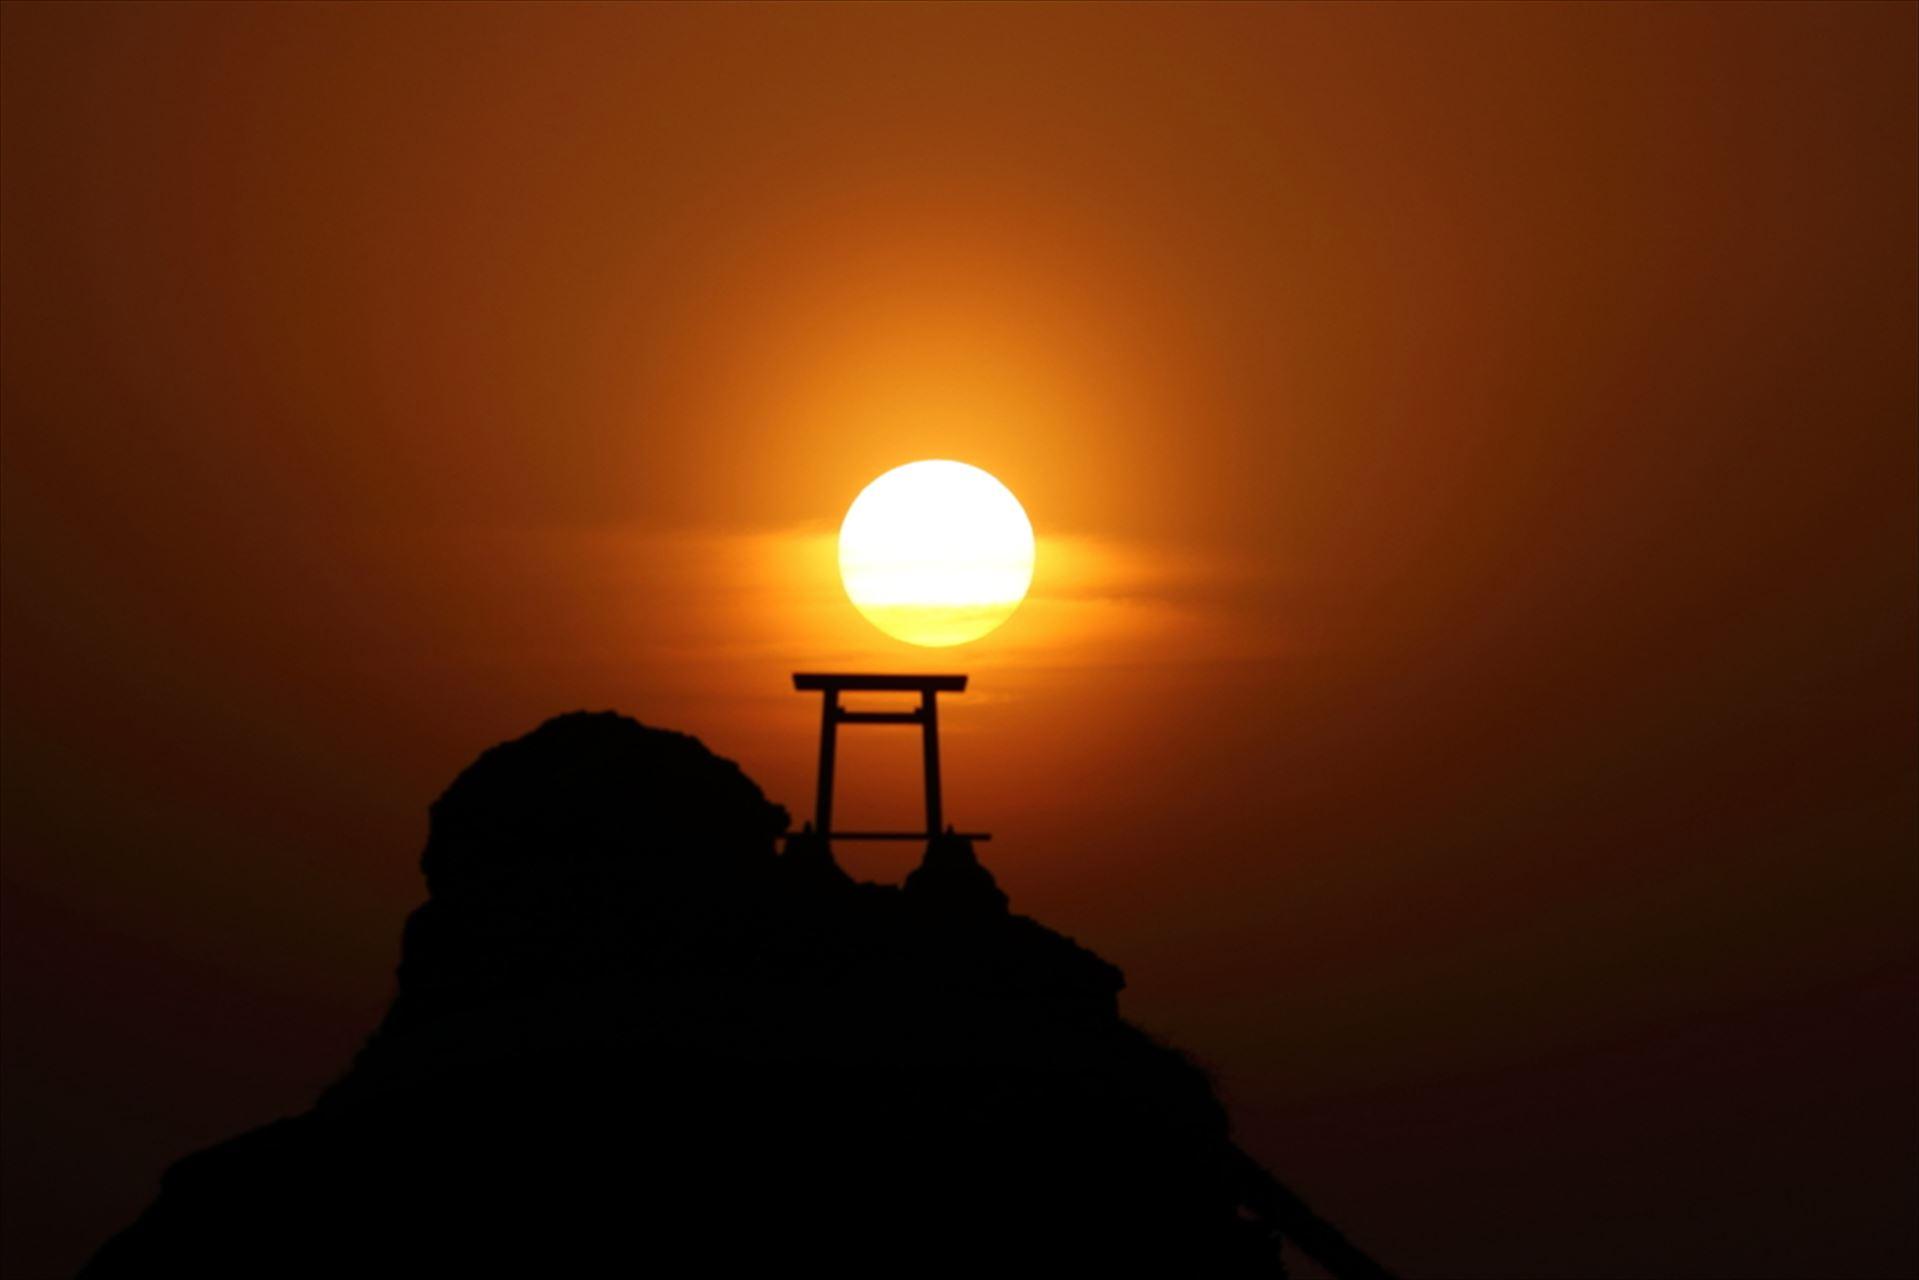 死ぬまでに行ってみたい神社・寺院ランキングTOP3は?